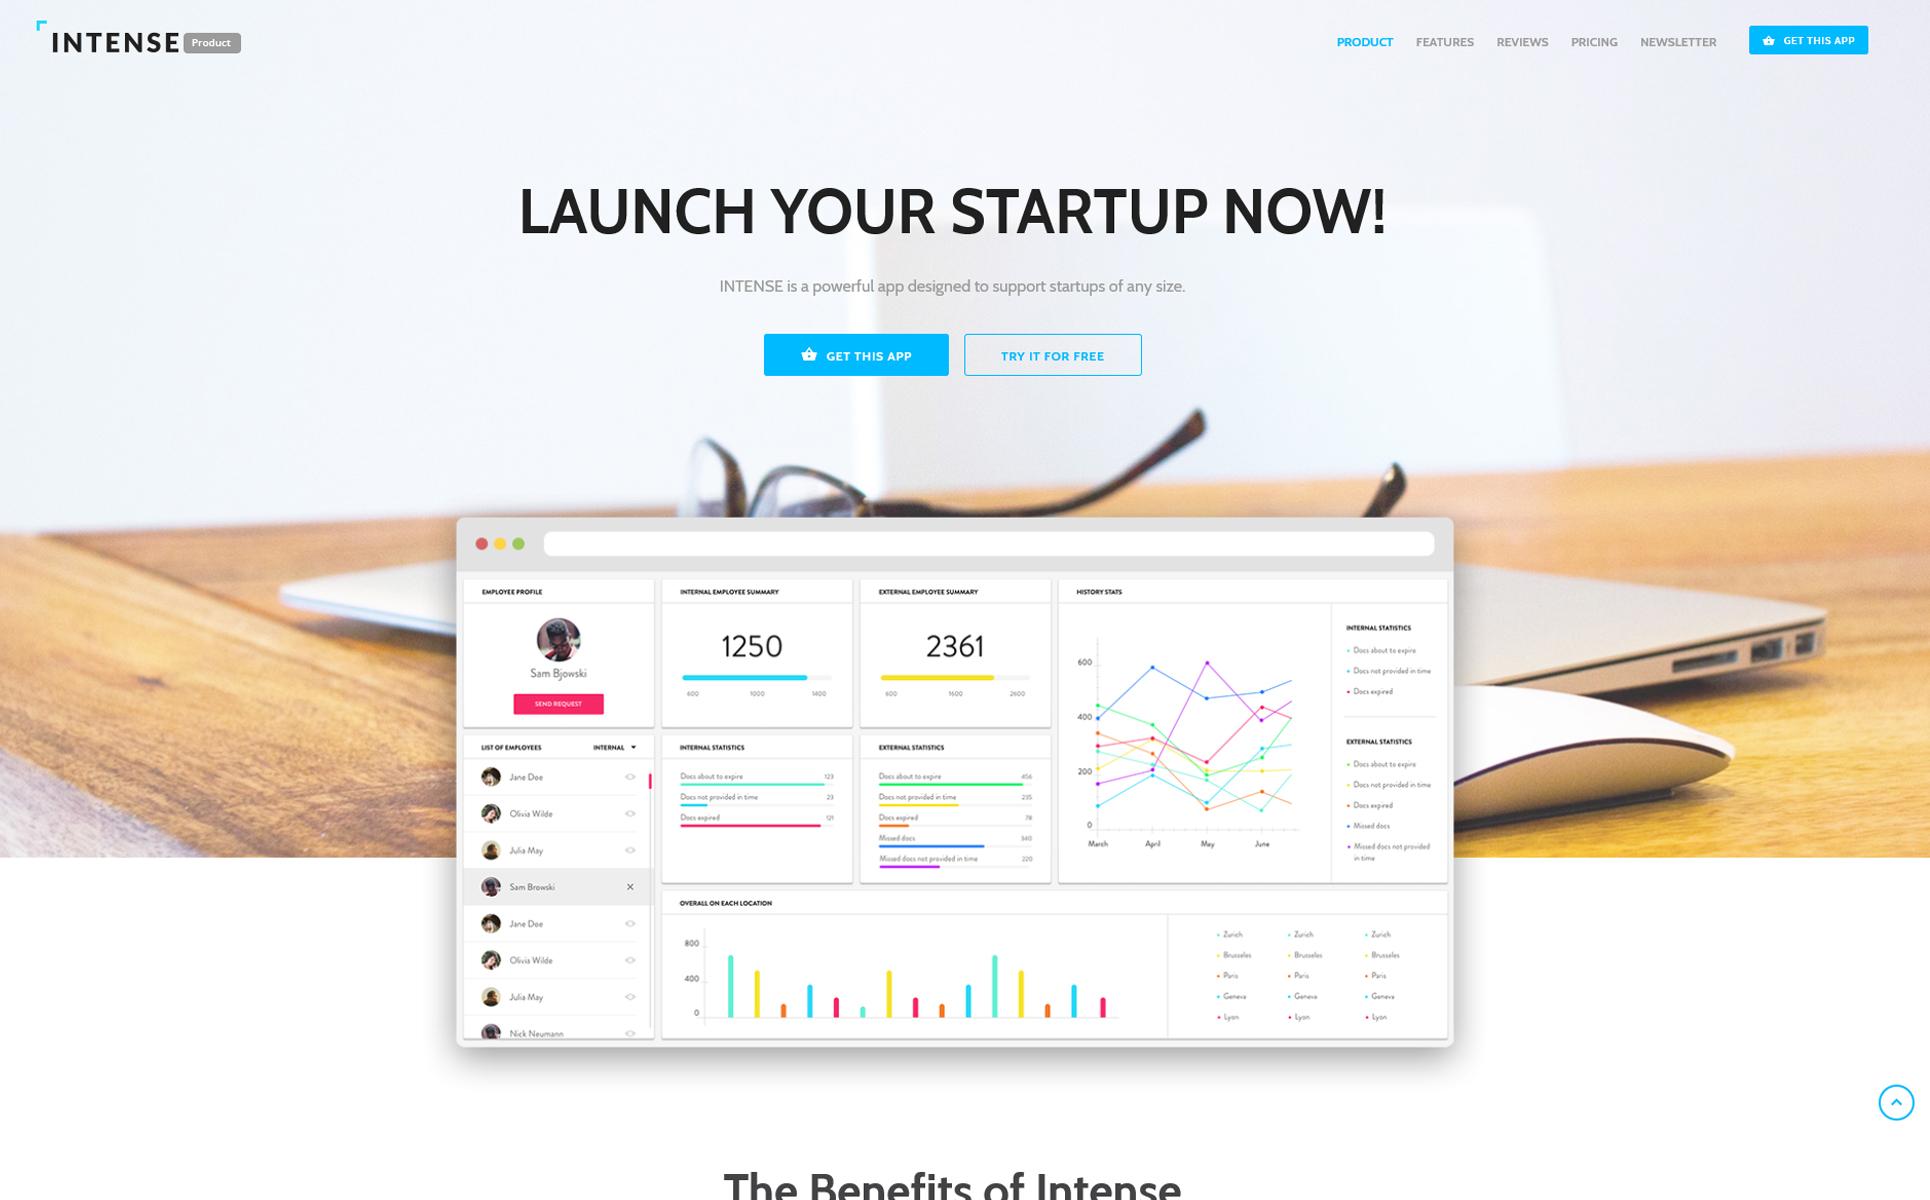 Plantilla para landing page - Categoría: Software - versión para Desktop